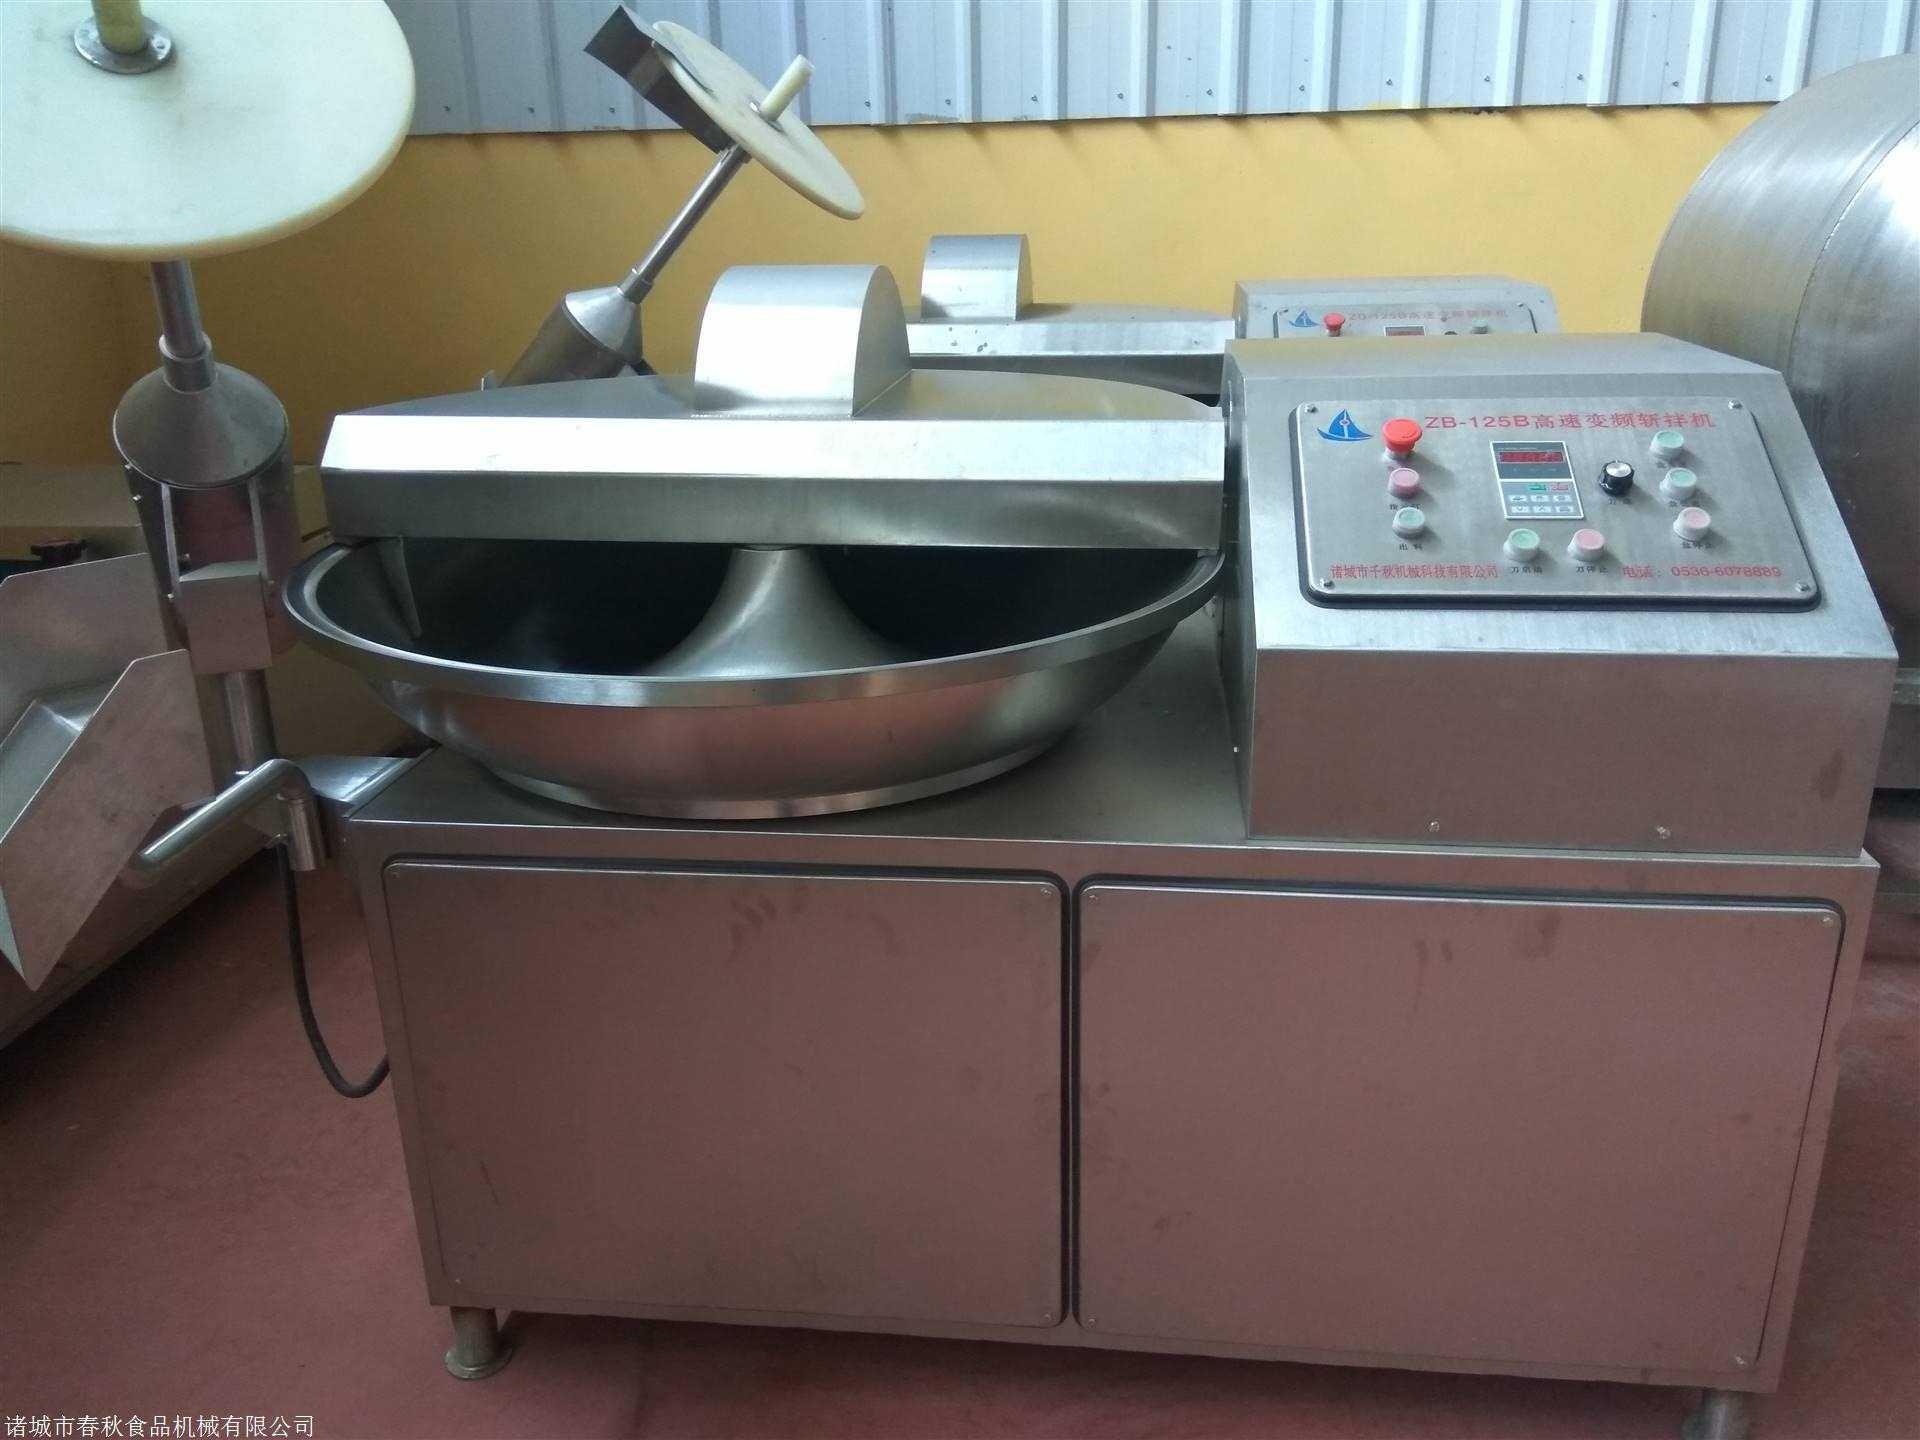 作为生产鱼豆腐的成品厂家具备那些设备机器/不想做鱼豆腐代理商想赚更大利润